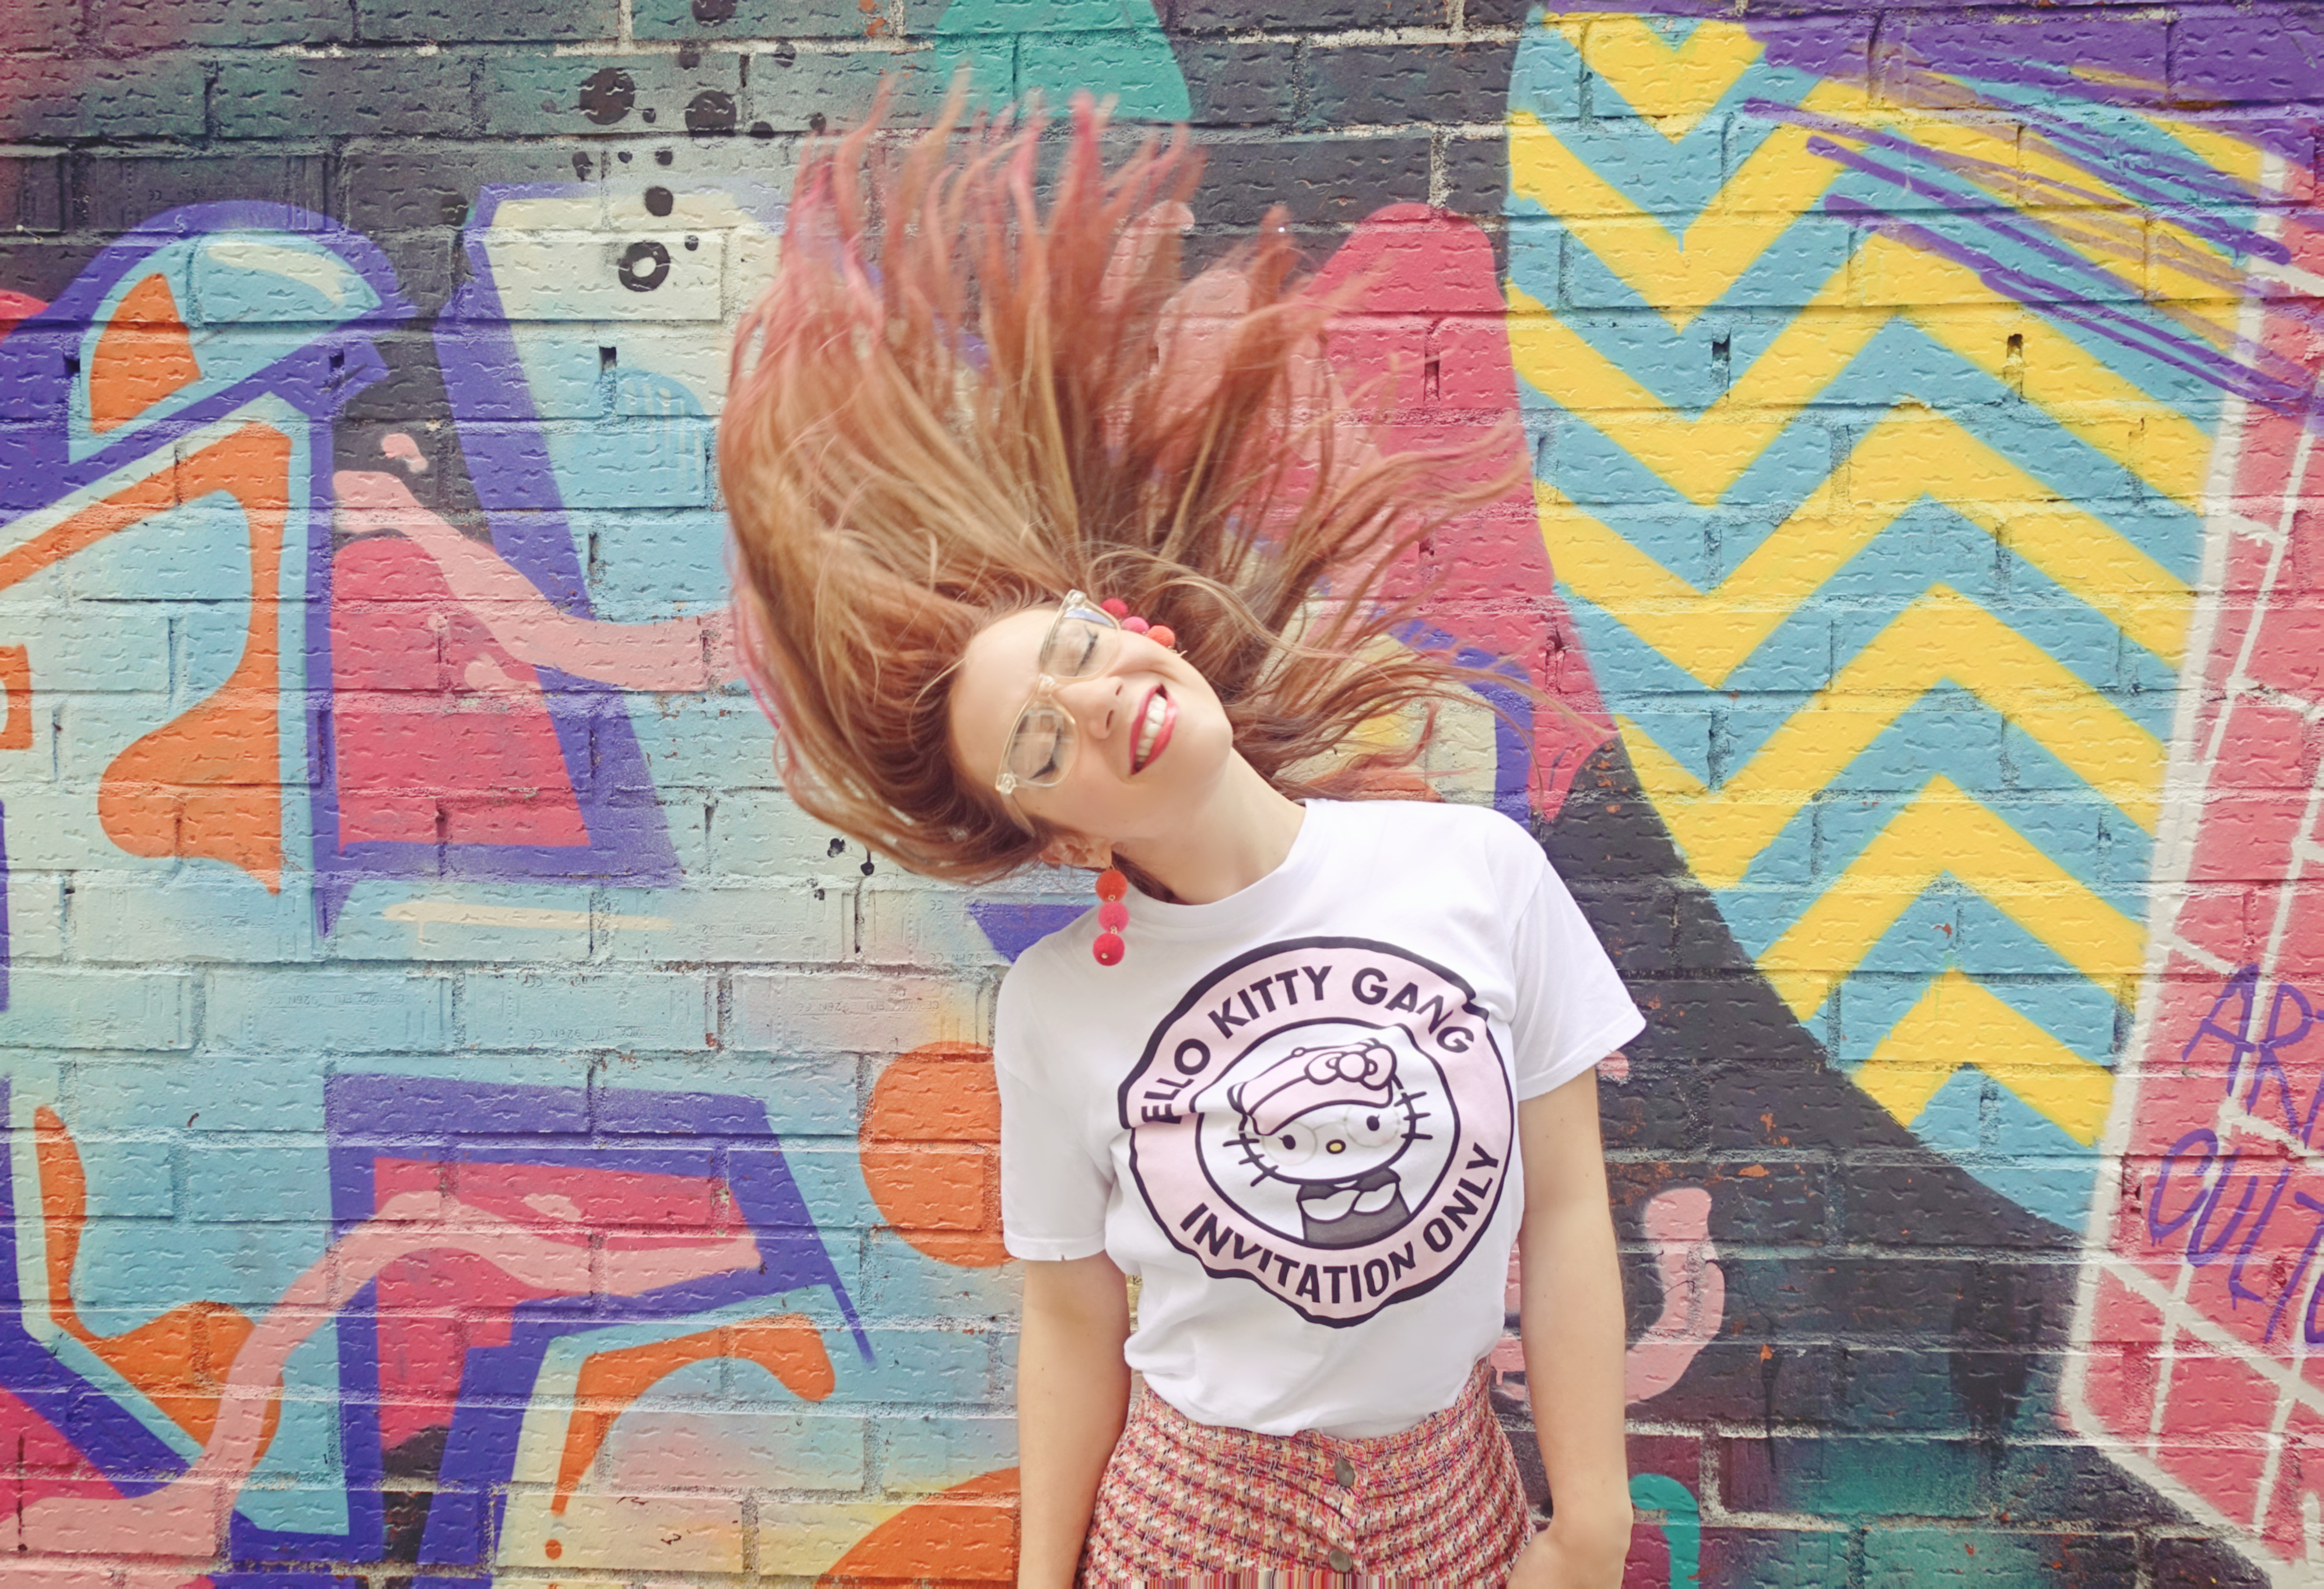 Pelo-rosa-blog-de-moda-ChicAdicta-influencer-Chic-adicta-madrid-PiensaenChic-falda-estampado-chanel-Piensa-en-Chic-hellokitty